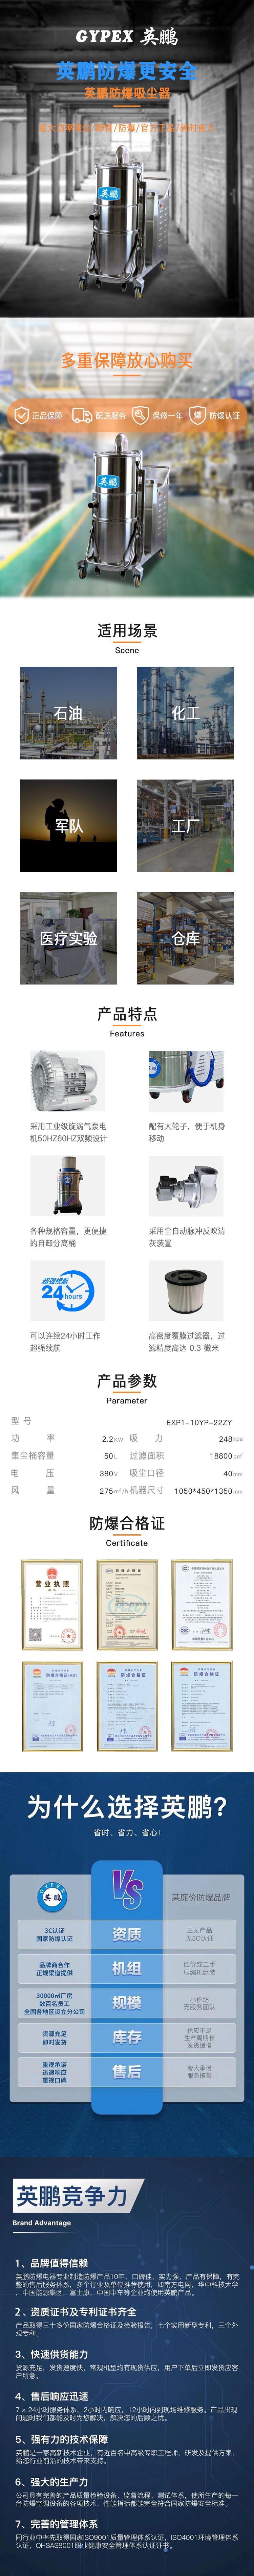 50升吸塵器詳情頁EXP1-10YP-22ZY.jpg